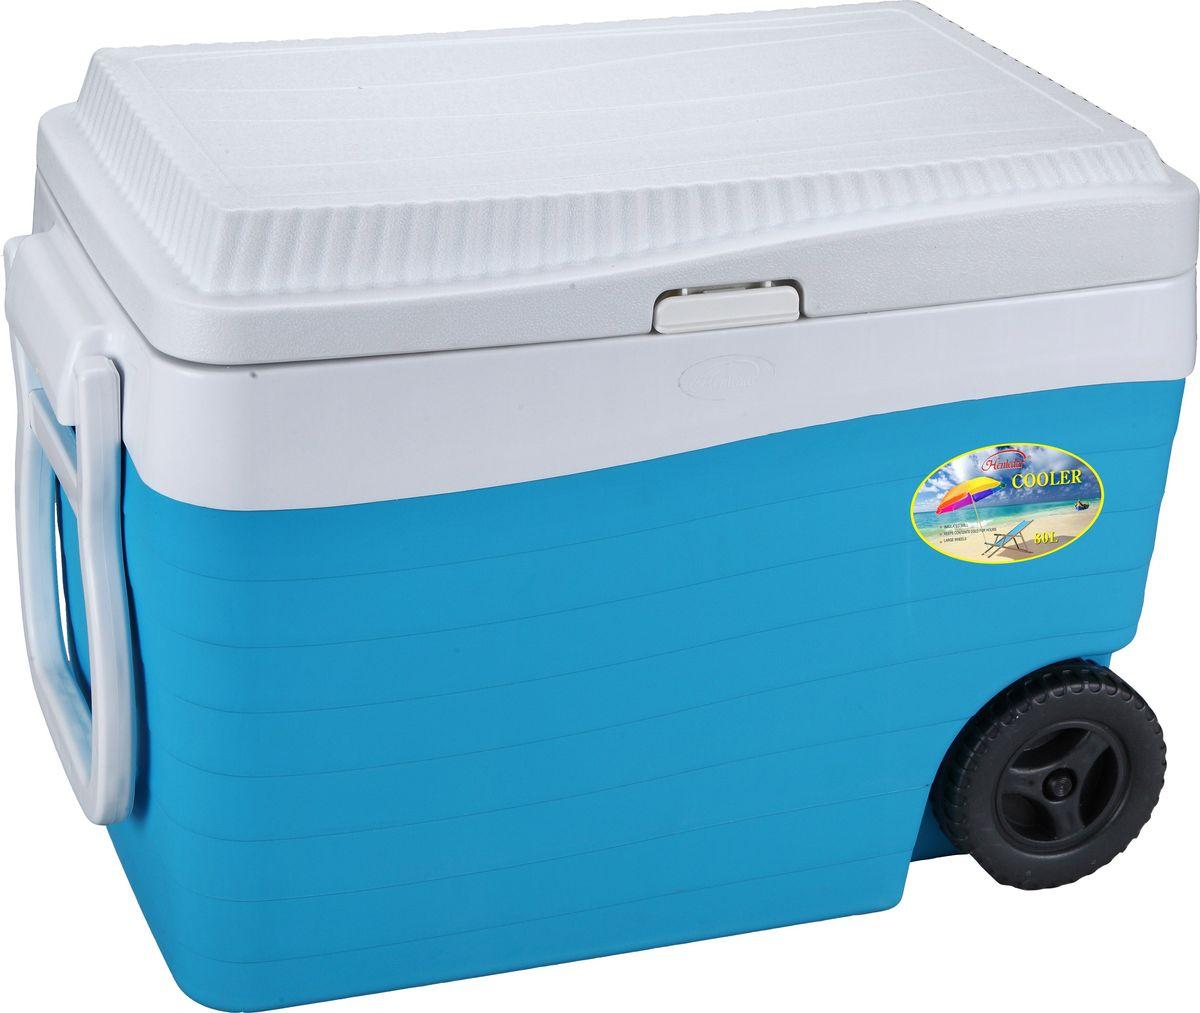 """Контейнер изотермический """"Green Glade"""", на колесиках, цвет: голубой, 80 л ( С22800 )"""